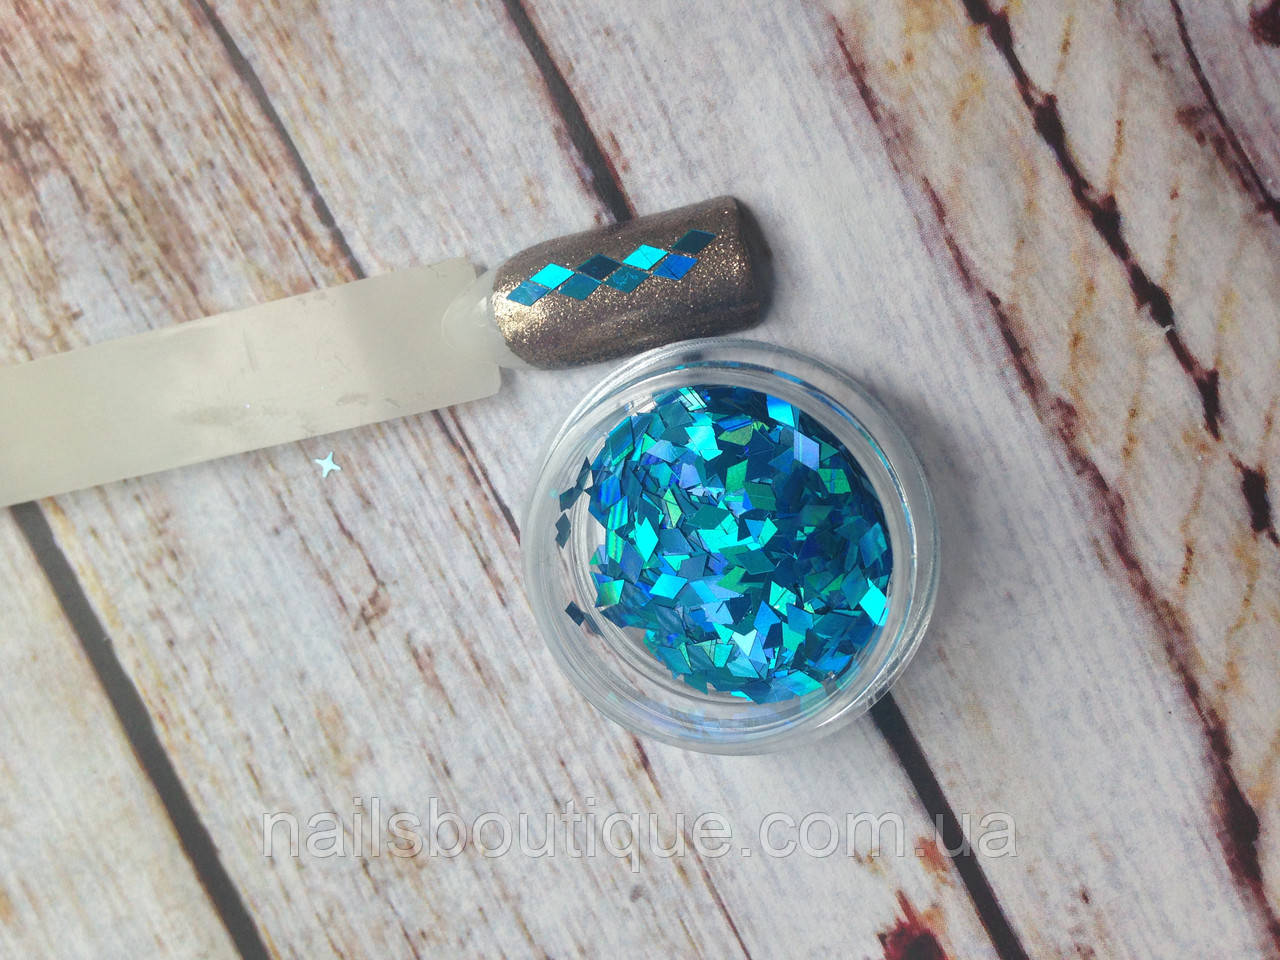 Декор ромбы, светло-синие, голограмма